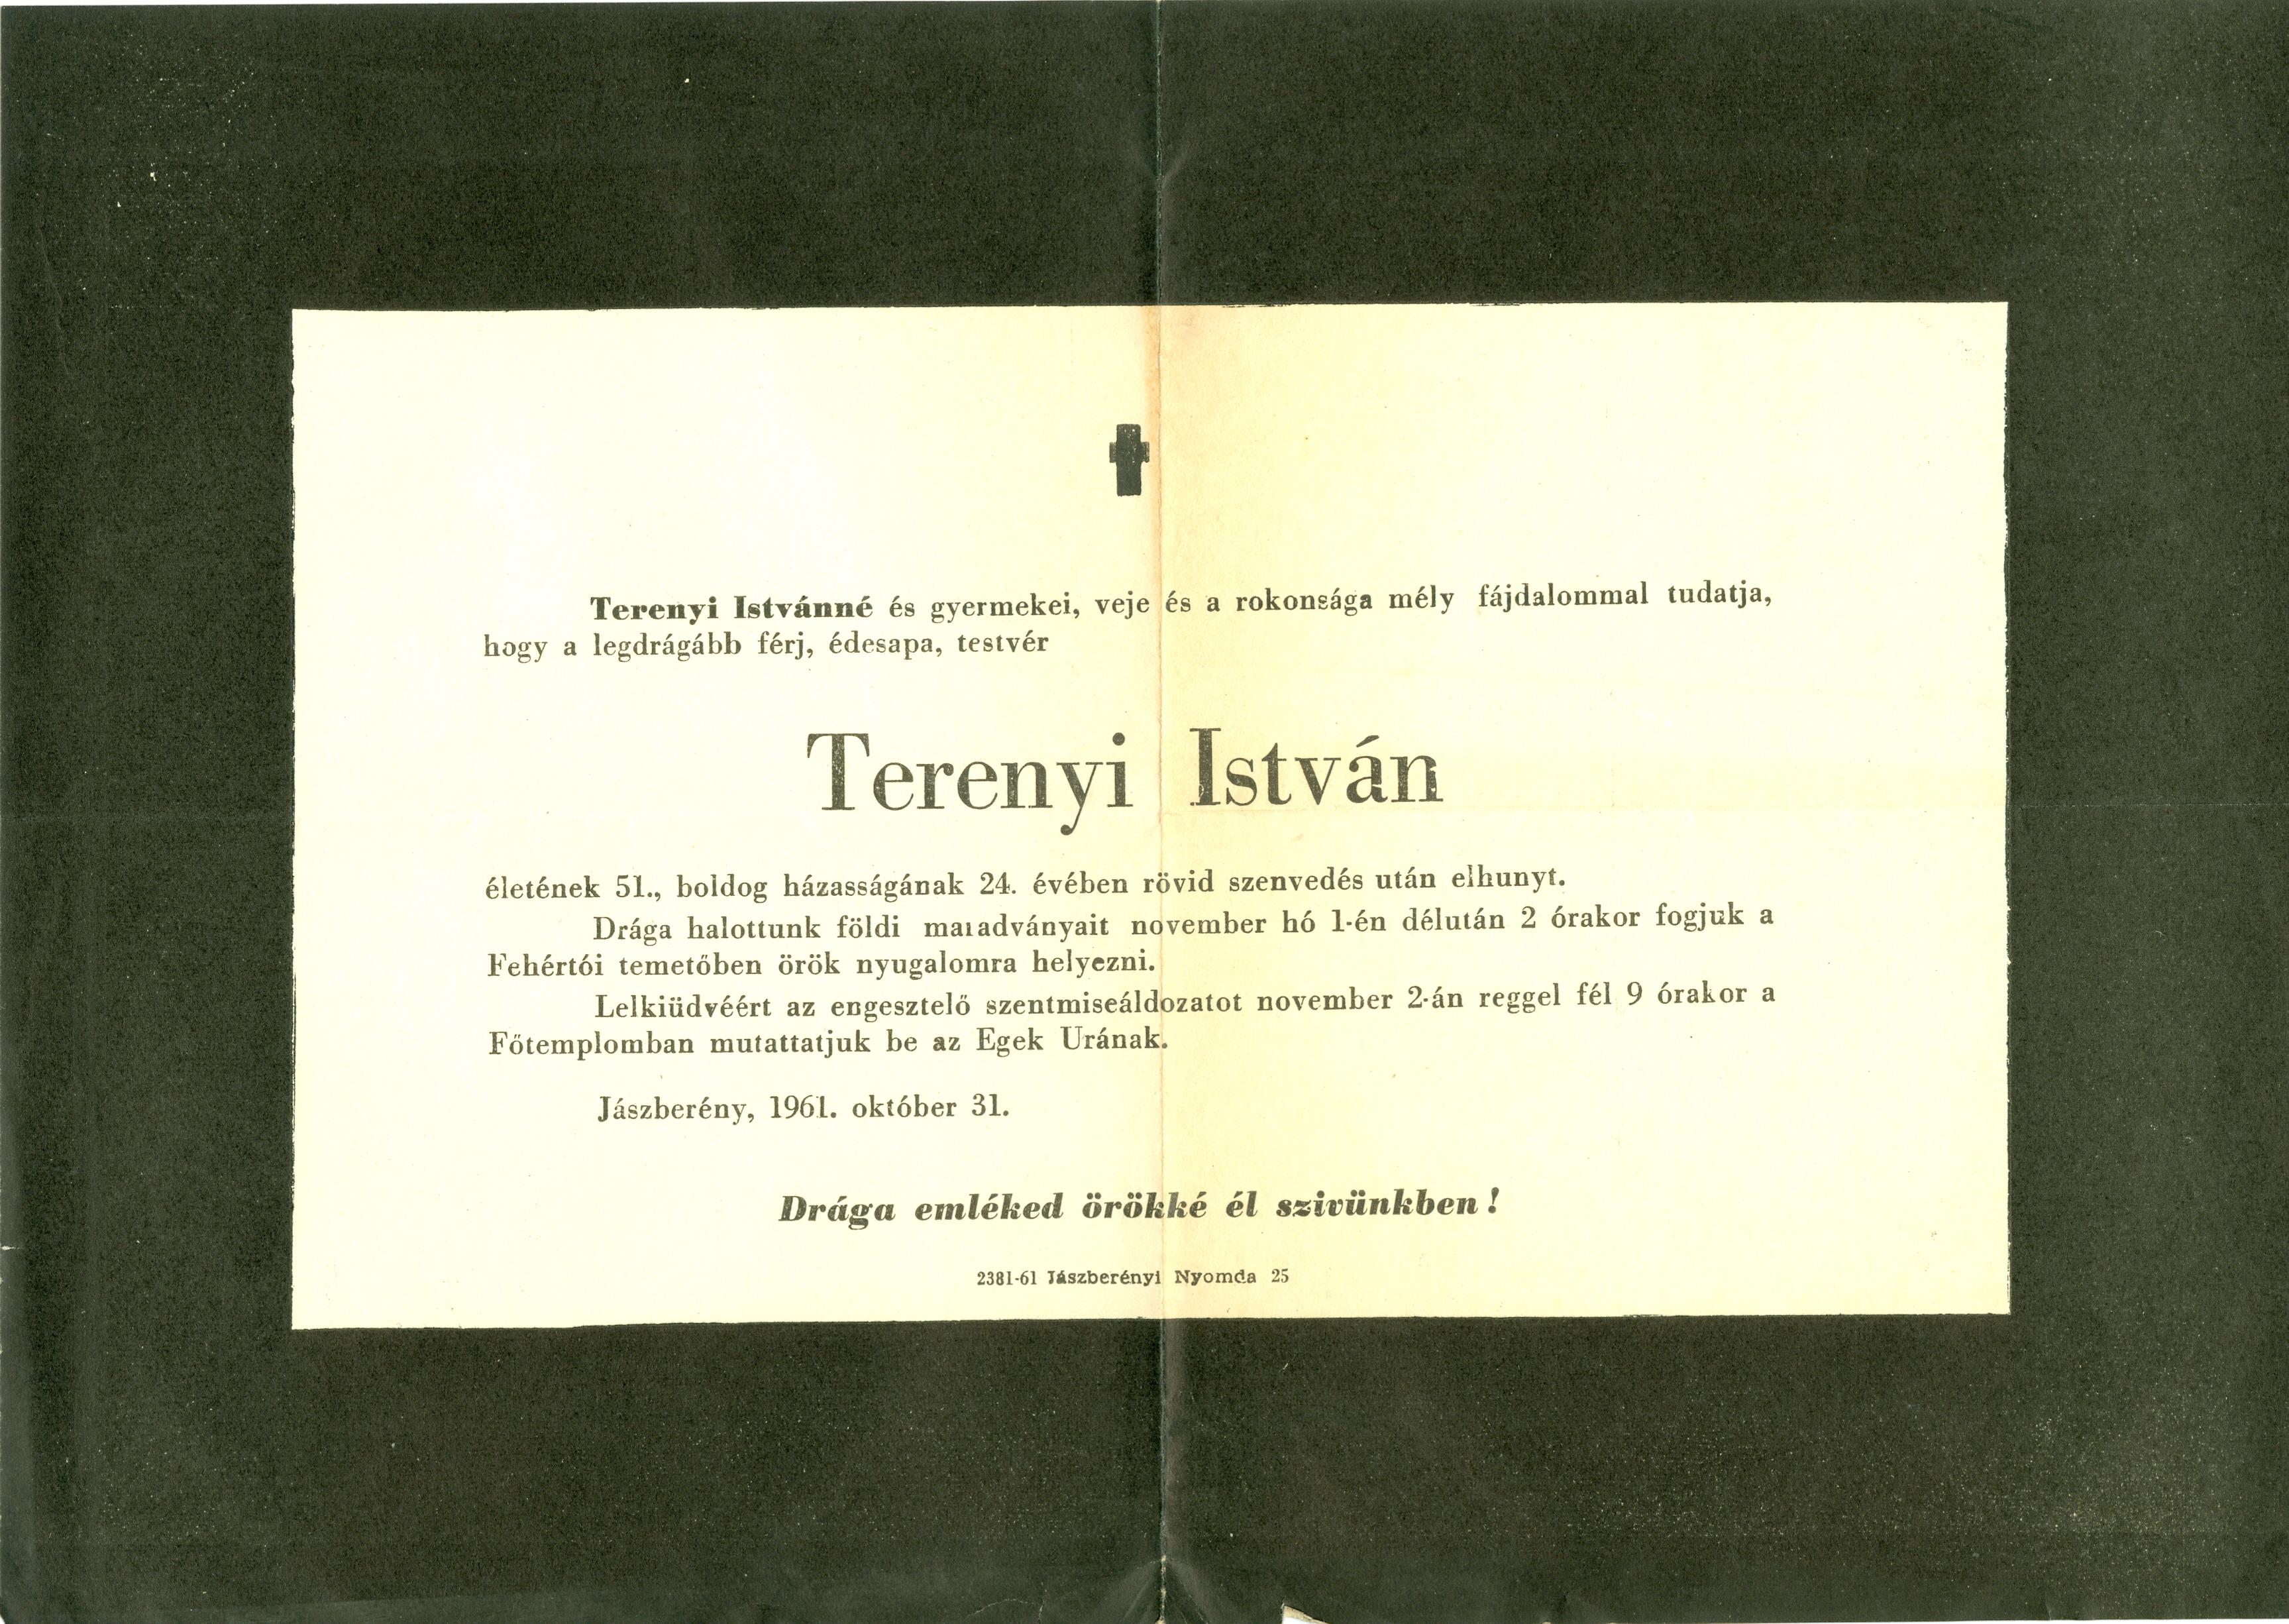 Terenyi István